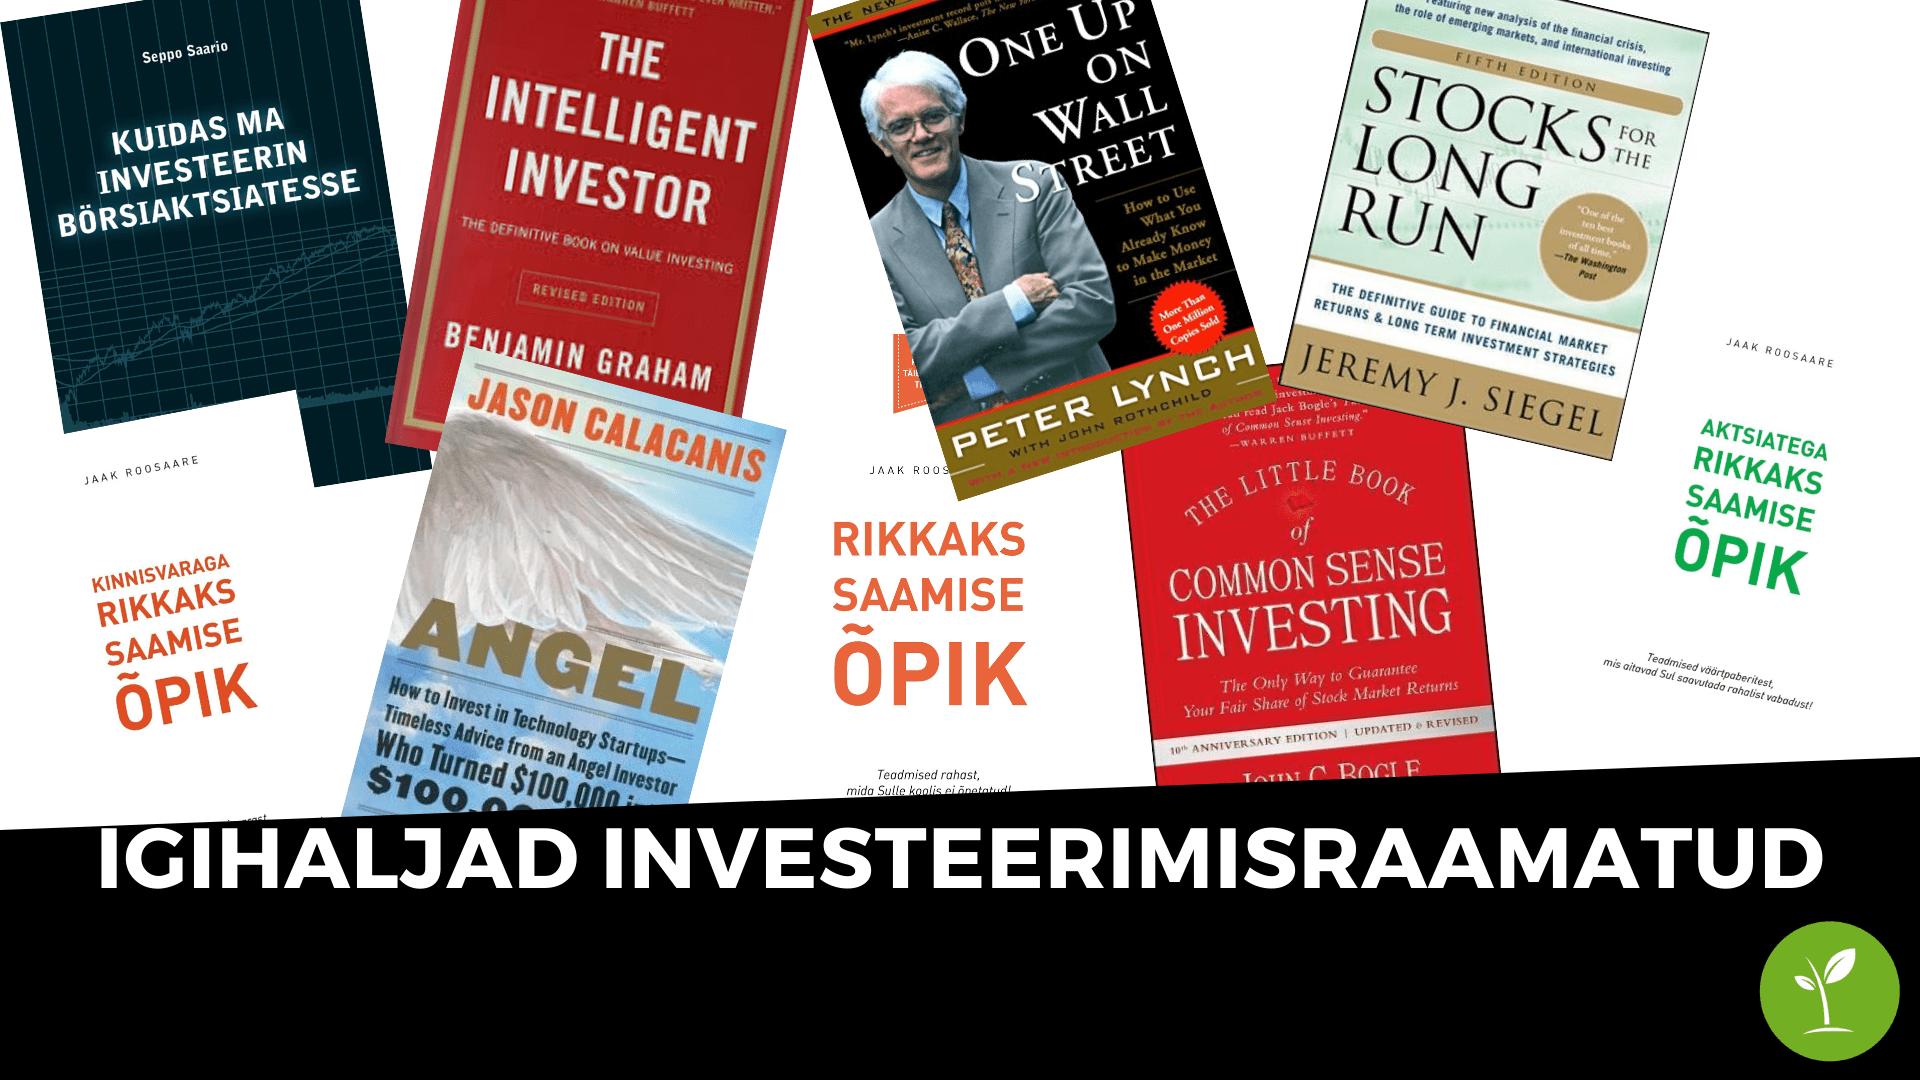 Investeerimisraamatud